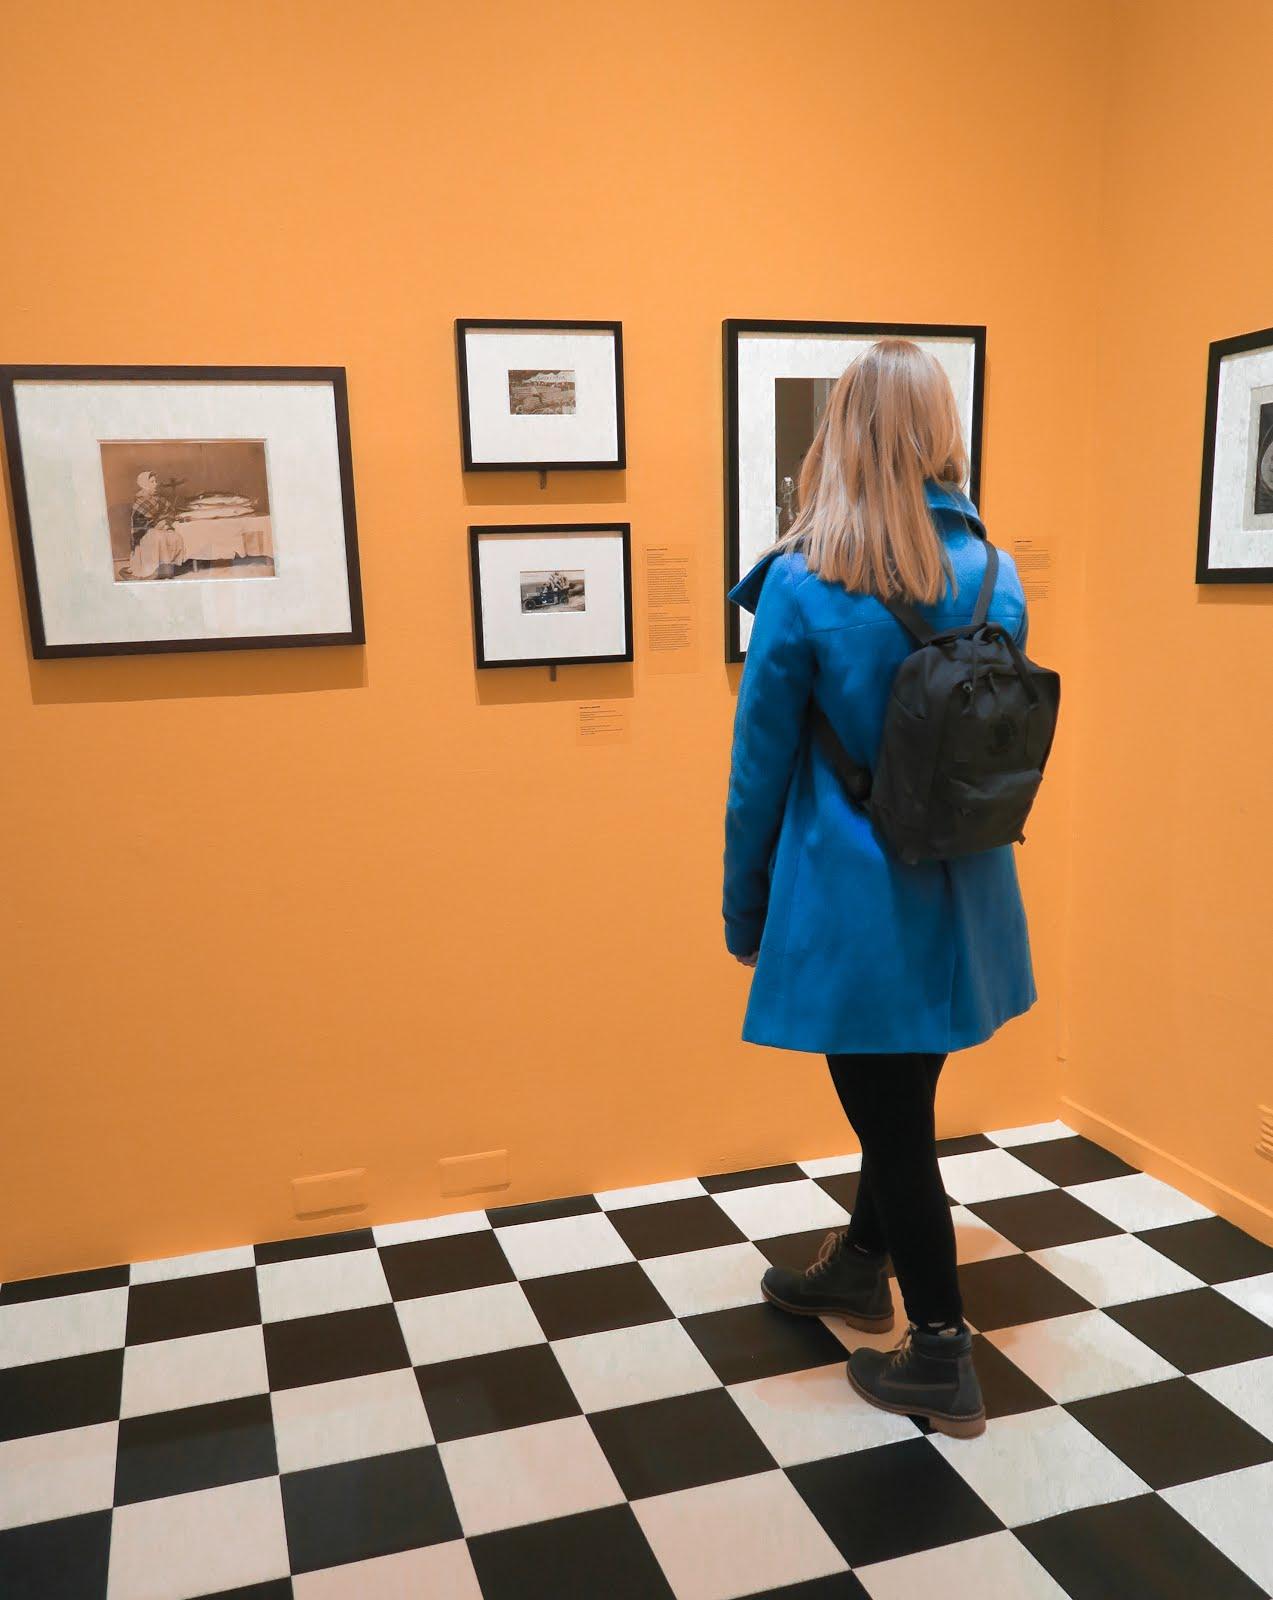 ANNA IN FOAM AMSTERDAM MUSEUM BY LAURA JETTEN